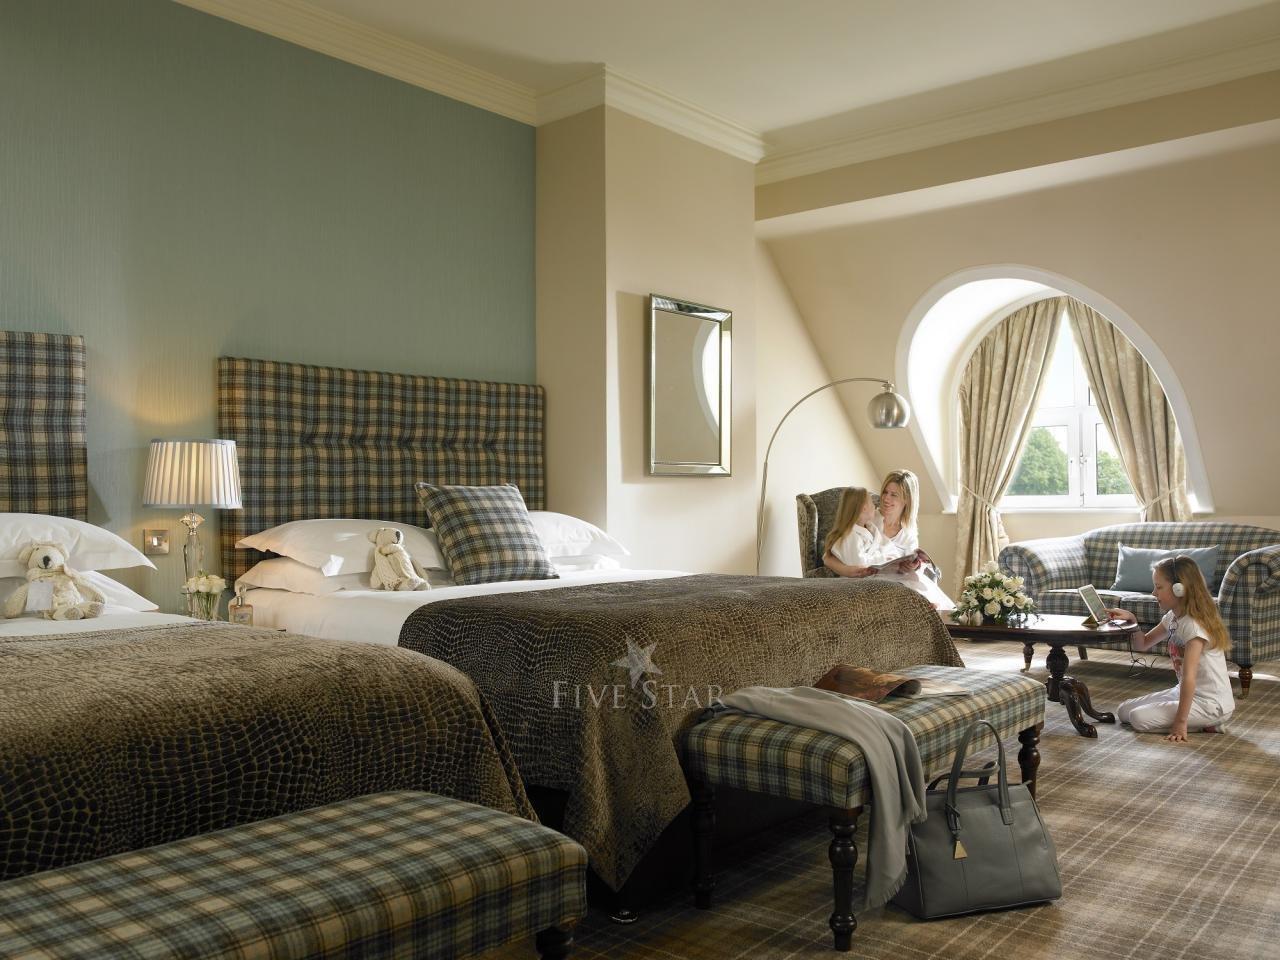 Killarney Park Hotel photo 23